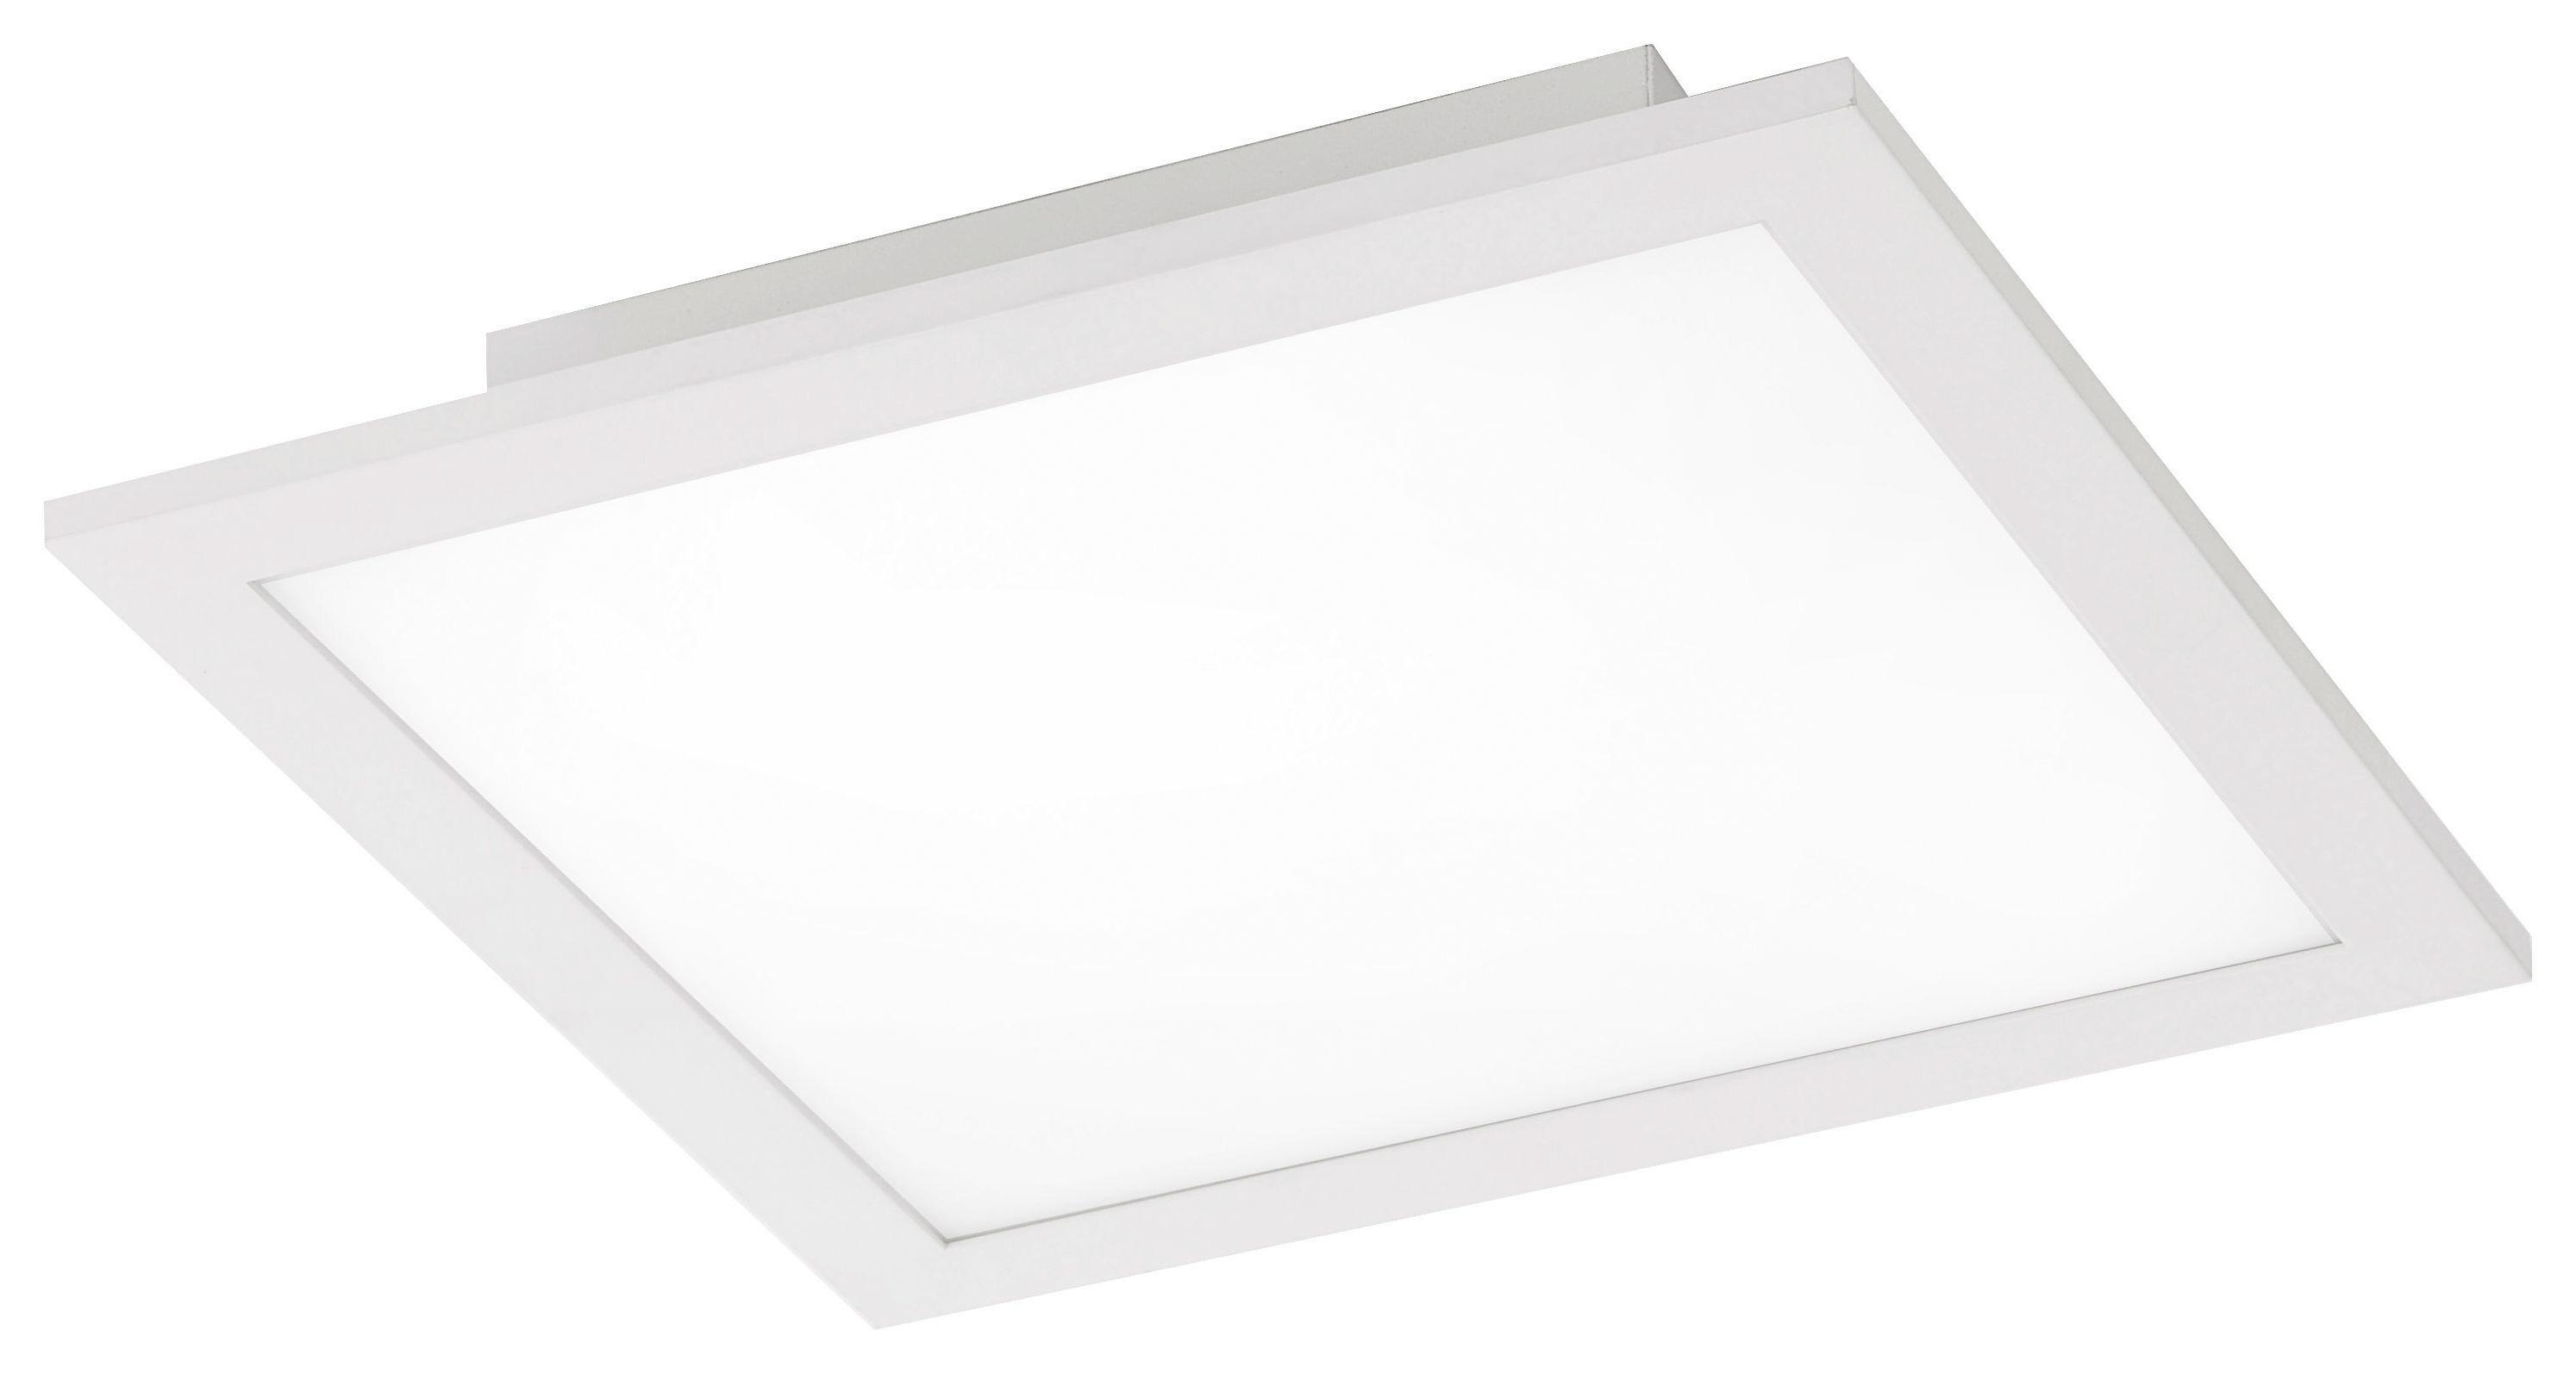 LED STROPNÍ SVÍTIDLO - bílá, Design, kov (30/30/5,6cm) - NOVEL